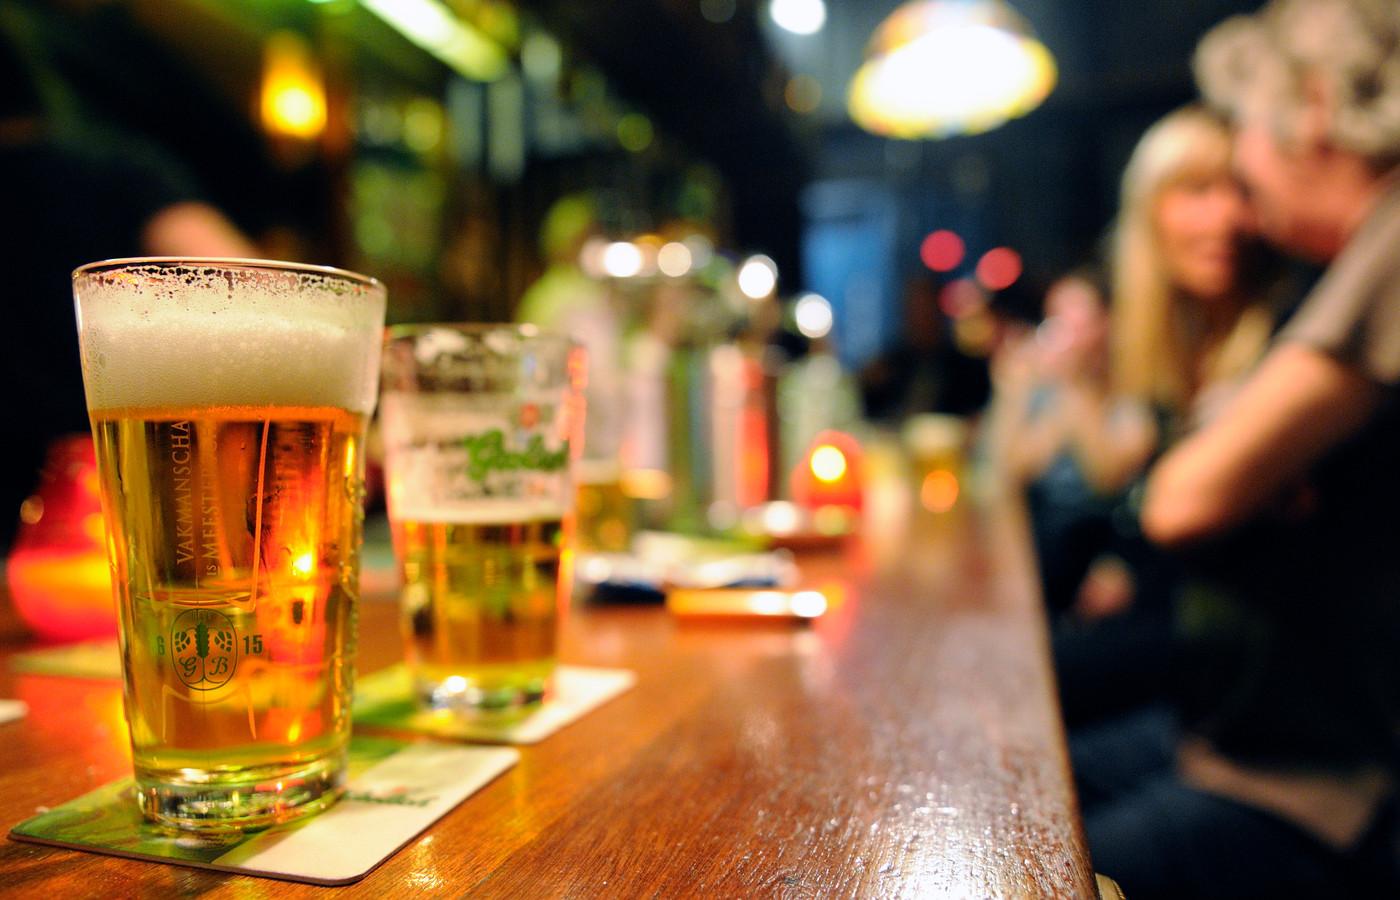 Foto ter illustratie, niet de betreffende bar.